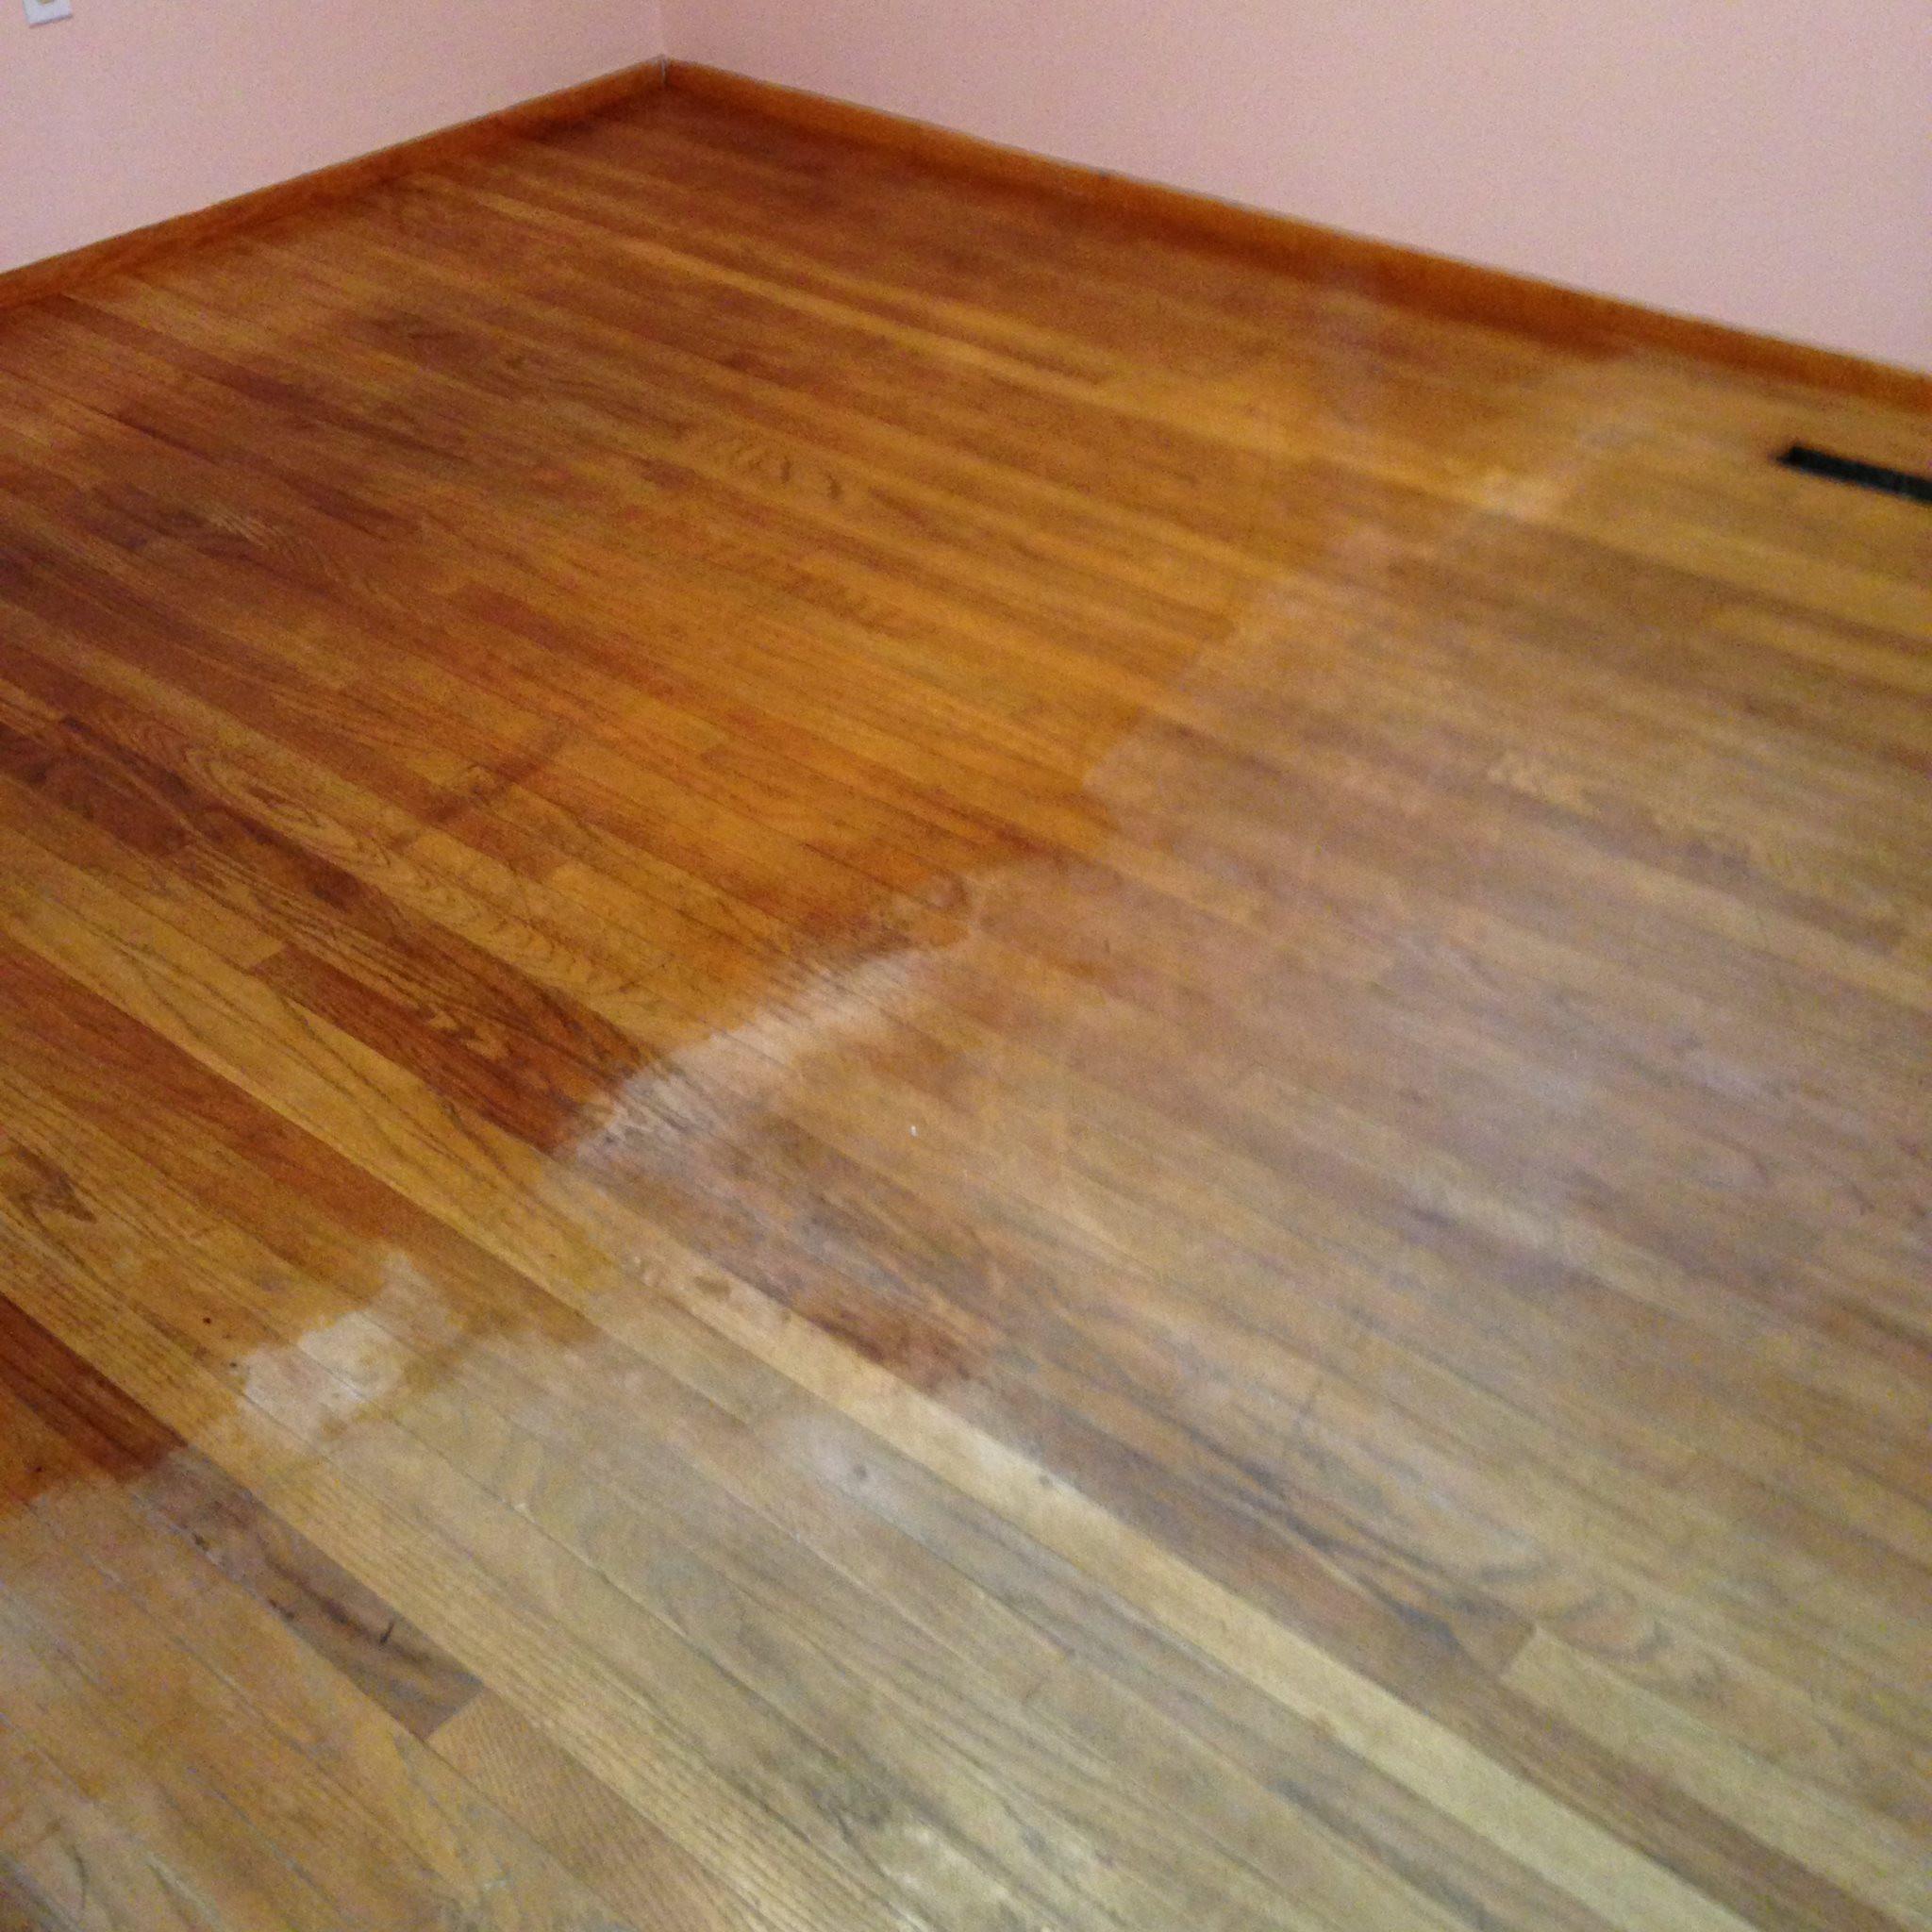 hardwood floor cleaning companies of 15 wood floor hacks every homeowner needs to know pertaining to wood floor hacks 15